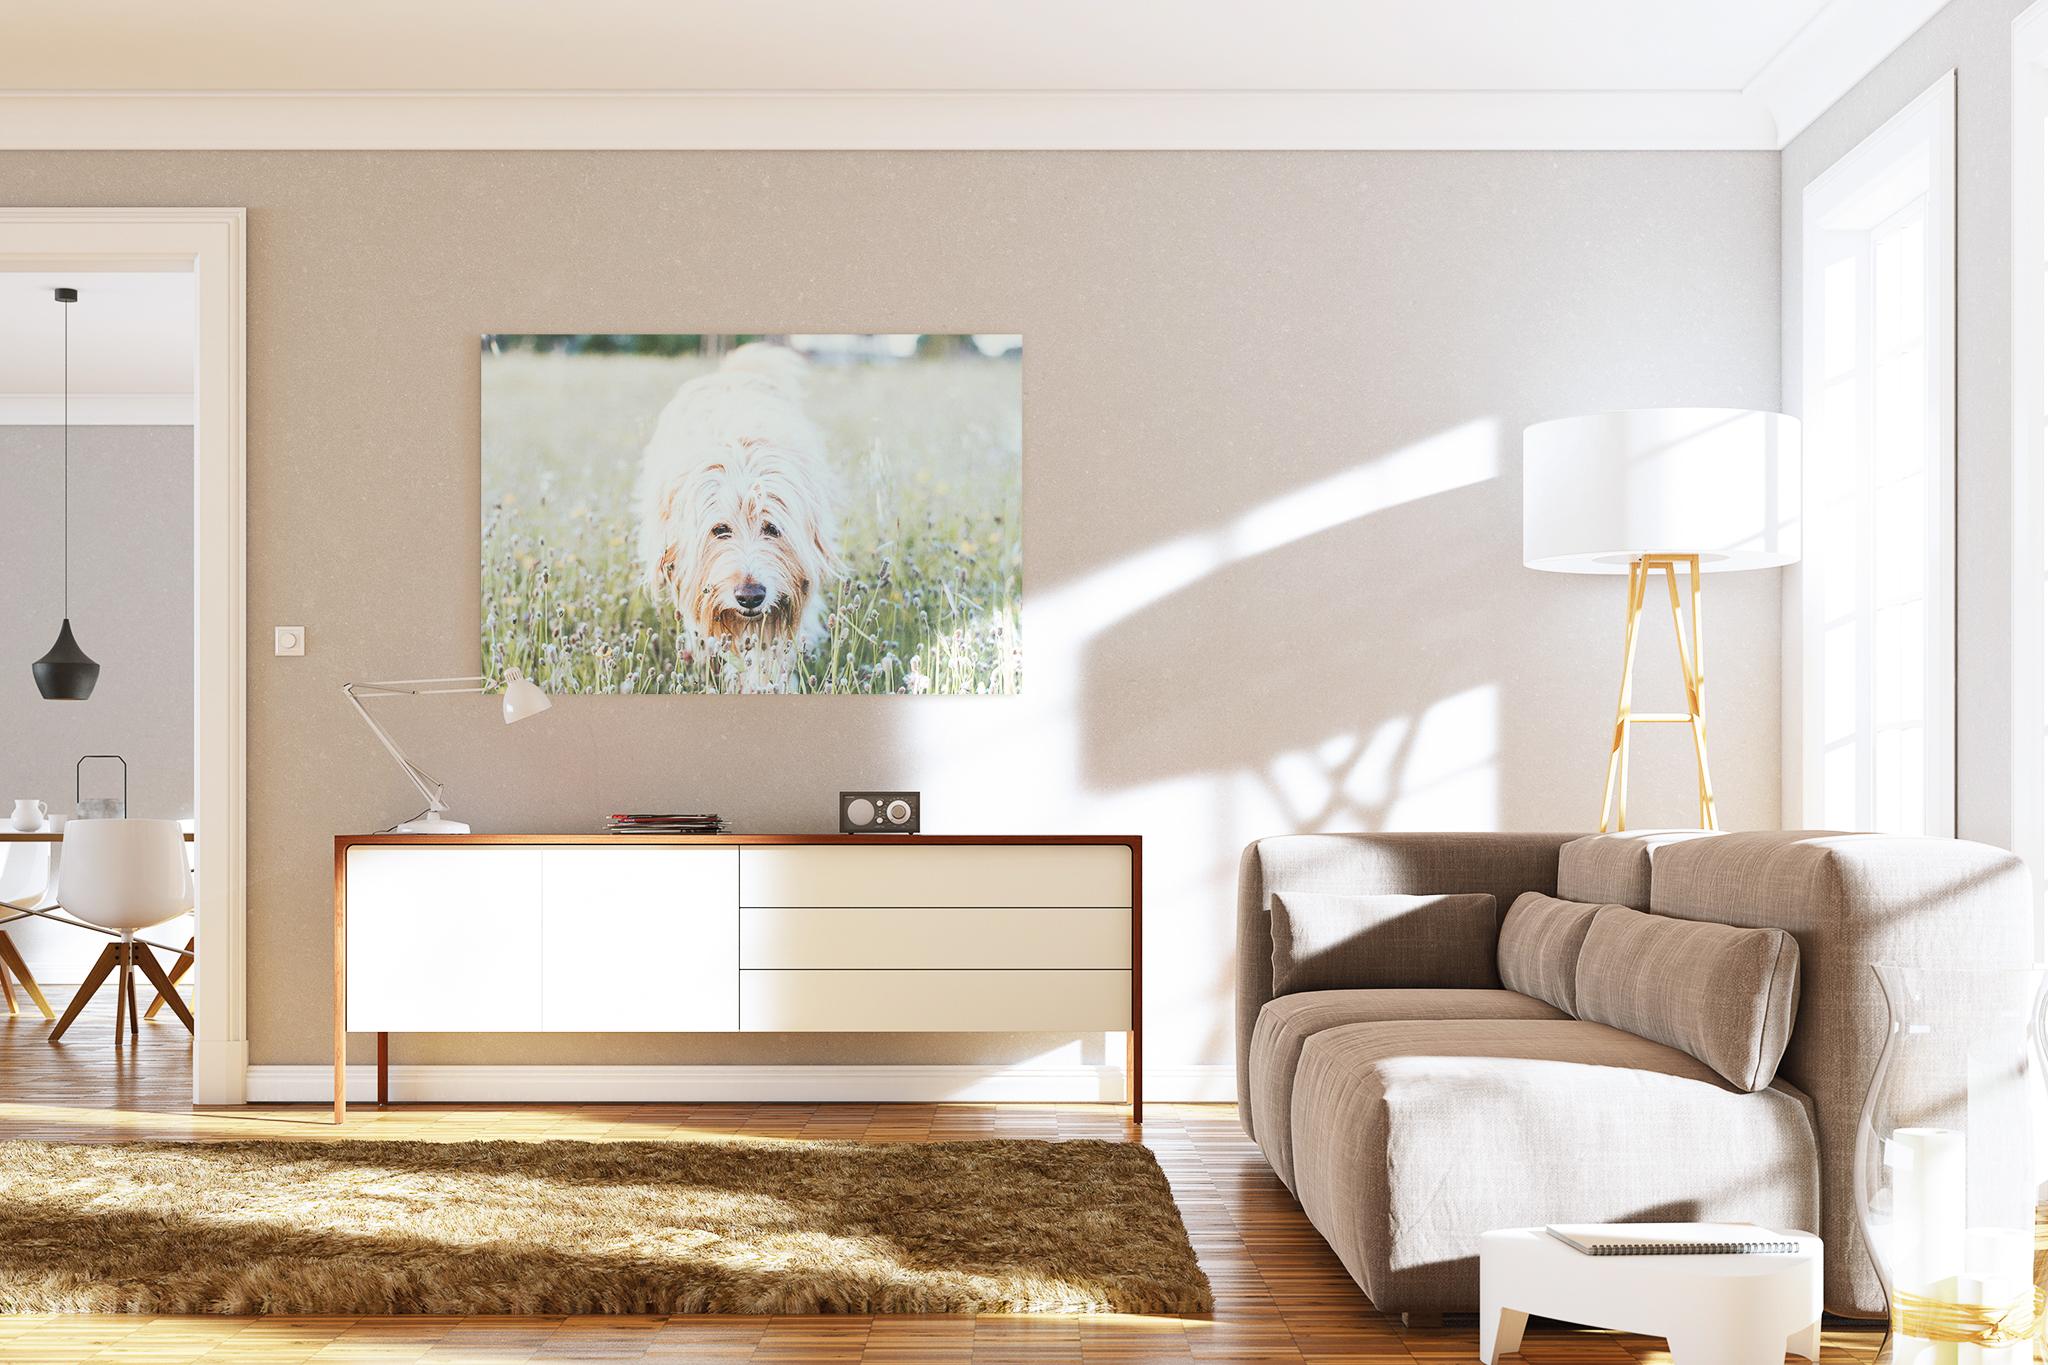 quadro pendurado na parede de uma sala